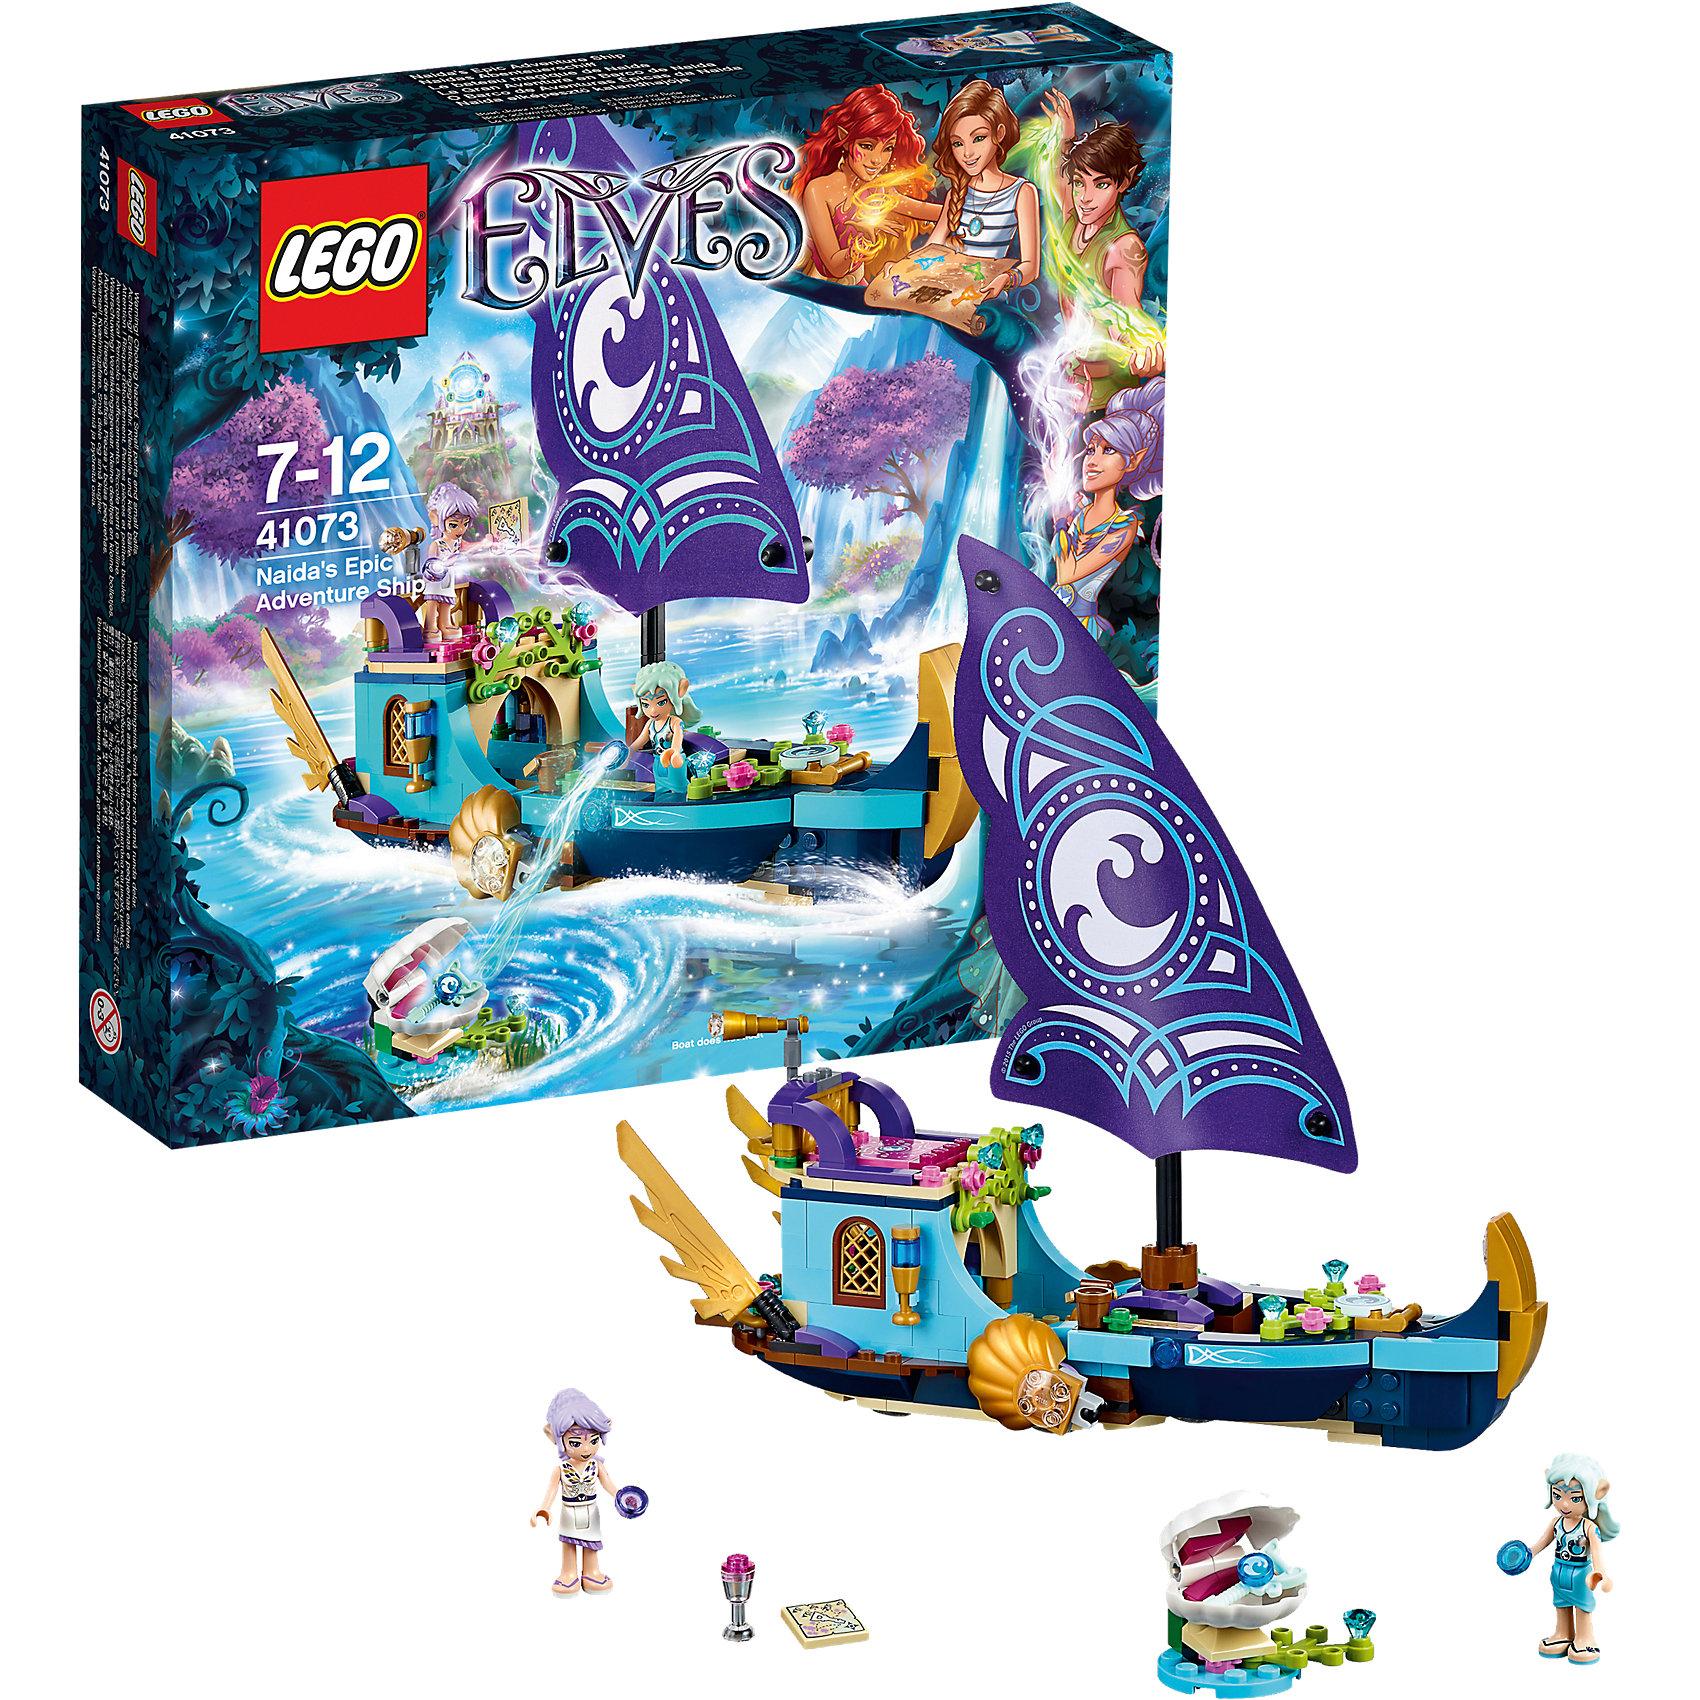 LEGO Elves 41073: Корабль НаидыПластмассовые конструкторы<br>Отправляйся в увлекательное плаванье вместе с Наидой и Эйрой на легендарном корабле Наиды! Помоги им найти волшебный ключ воды, чтобы отправить Эмили Джонс домой в мир людей. Пользуйся телескопом, чтобы заглянуть в глубину хрустальных вод в поисках гигантской устричной раковины, в которой находится спрятанный ключ. Потом помоги эльфам соединить их волшебную силу воды и ветра, чтобы достичь дна океана и открыть створки моллюска. Теперь можно расслабиться на сиденьях в форме ракушек и опустить ноги в прохладную воду или же приготовить вкусную еду на камбузе и насладись ею, сидя на подушках. <br><br>LEGO Elves (ЛЕГО Эльфы) - удивительная серия, рассказывающая о таинственном и волшебном мире эльфов, в который попала девушка  из обычного мира, Эмили Джонс. <br><br>Дополнительная информация:<br><br>- Конструкторы ЛЕГО развивают усидчивость, внимание, фантазию и мелкую моторику. <br>- Комплектация: 2 минифигурки, гигантский моллюск, кристаллы, корабль с камбузом, каютой, большим парусом, штурвалом, телескопом, аксессуары.<br>- В комплекте 2 минифигурки - Наида Сердце Реки и Эйра Шепот Ветра.<br>- Количество деталей: 312 шт.<br>- Серия ЛЕГО Эльфы (LEGO  Elves).<br>- Материал: пластик.<br>- Размер упаковки: 28х26,5х6 см.<br>- Вес: 0,475 кг<br><br>Конструктор LEGO Elves 41073: Корабль Наиды можно купить в нашем магазине.<br><br>Ширина мм: 280<br>Глубина мм: 261<br>Высота мм: 60<br>Вес г: 470<br>Возраст от месяцев: 84<br>Возраст до месяцев: 144<br>Пол: Женский<br>Возраст: Детский<br>SKU: 3786190